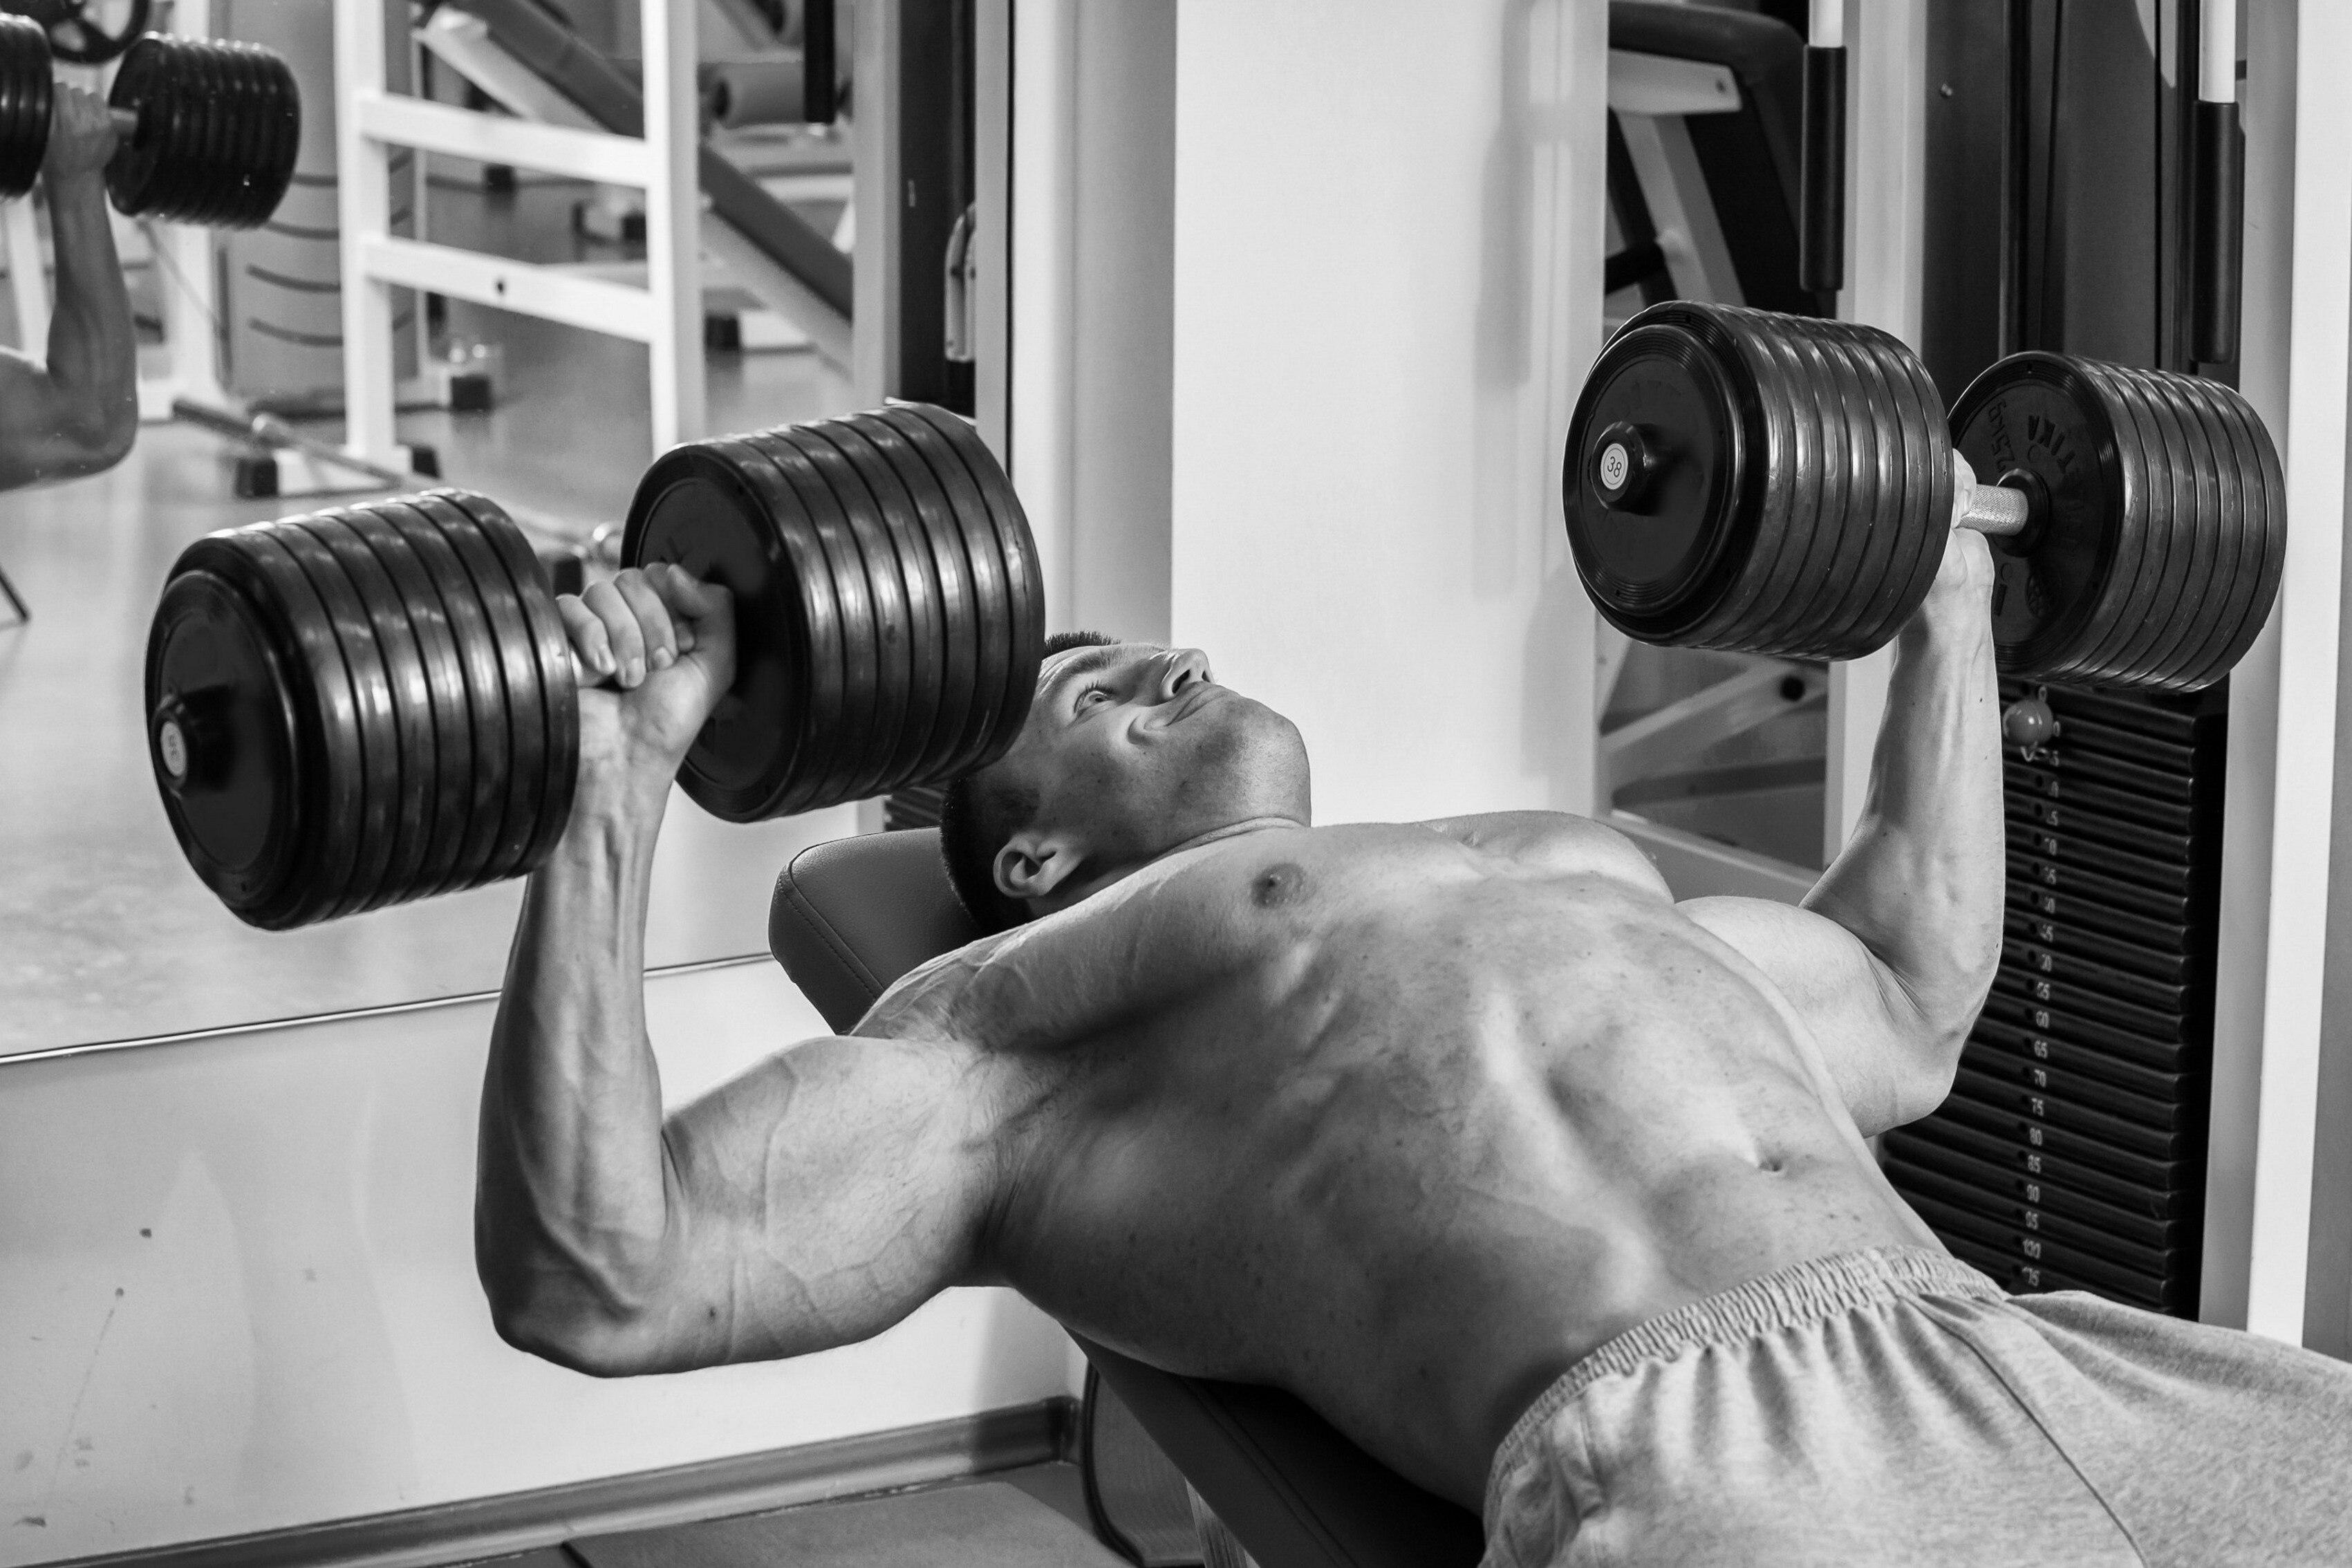 Лучшие упражнения на грудь в тренажерном зале для мужчин. как накачать грудные мышцы в тренажерном зале? - tony.ru